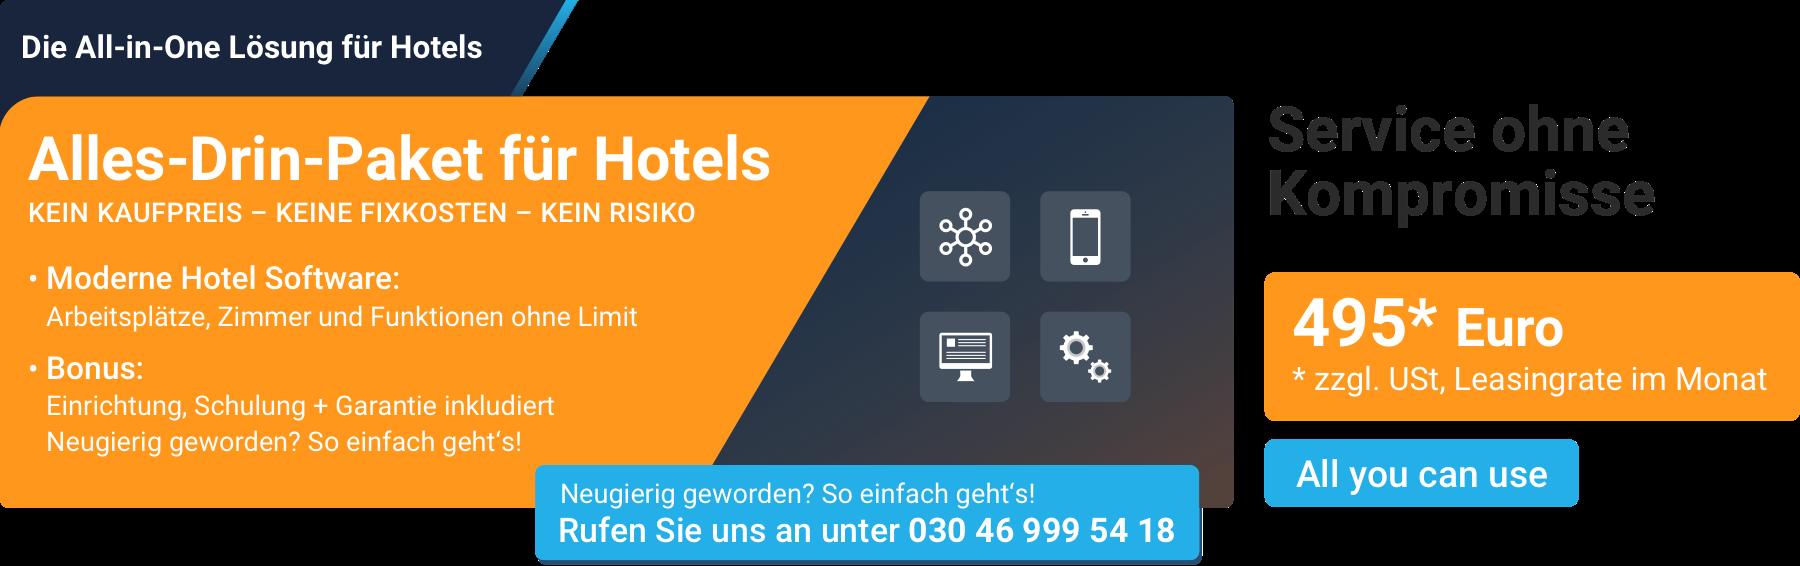 Digital hotel